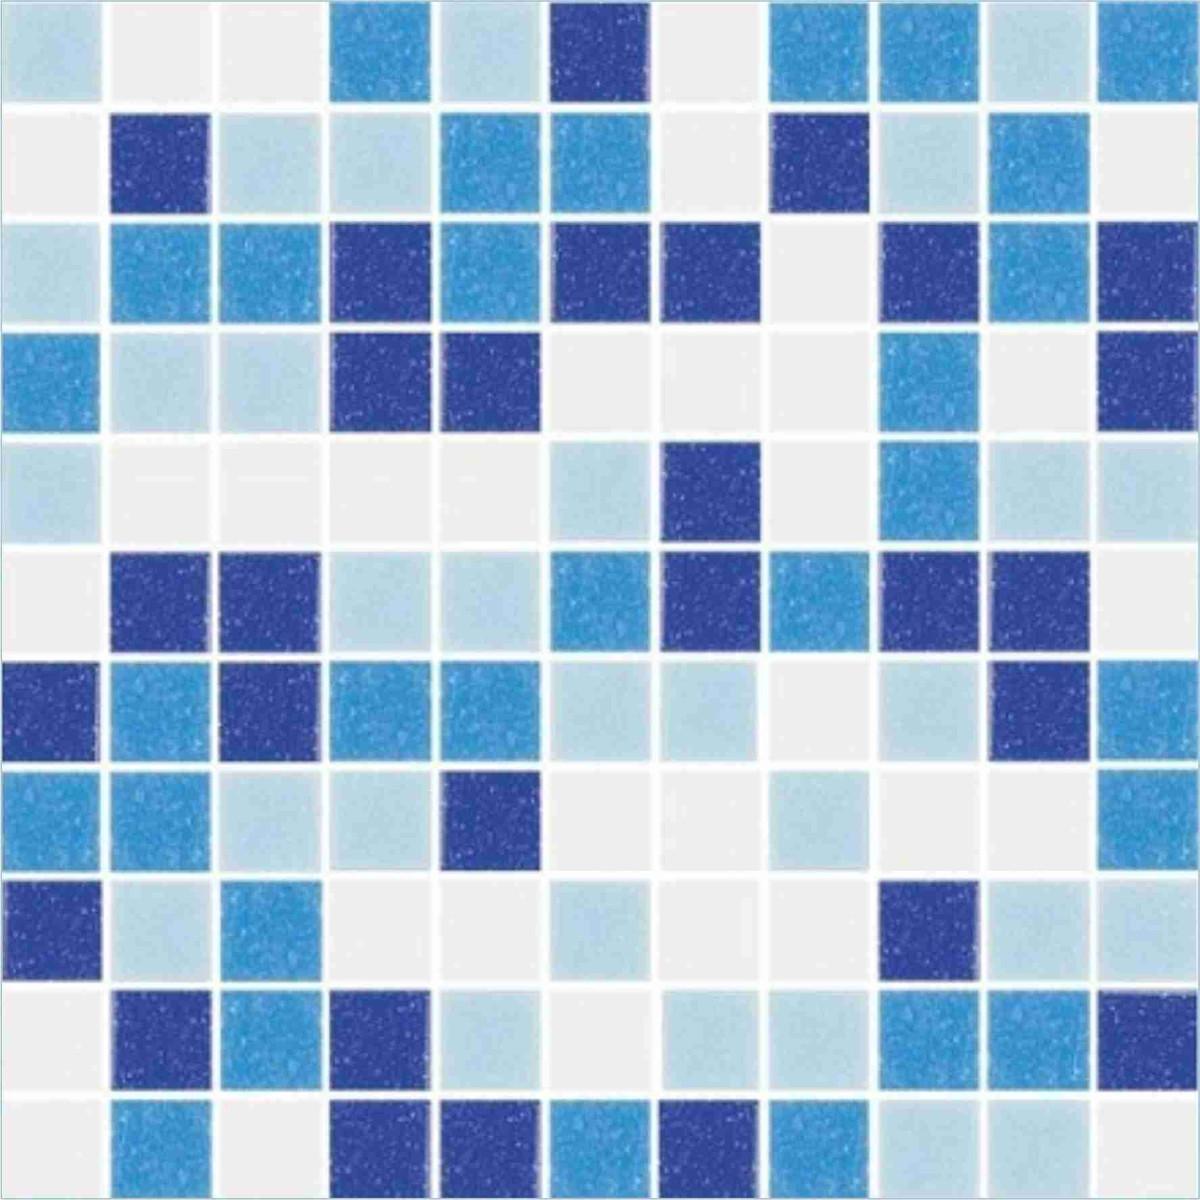 kit pastilhas azul bco frete gratis banheiro kit pastilhas azul bco  #1B76B0 1200x1200 Banheiro Azulejo Pastilha